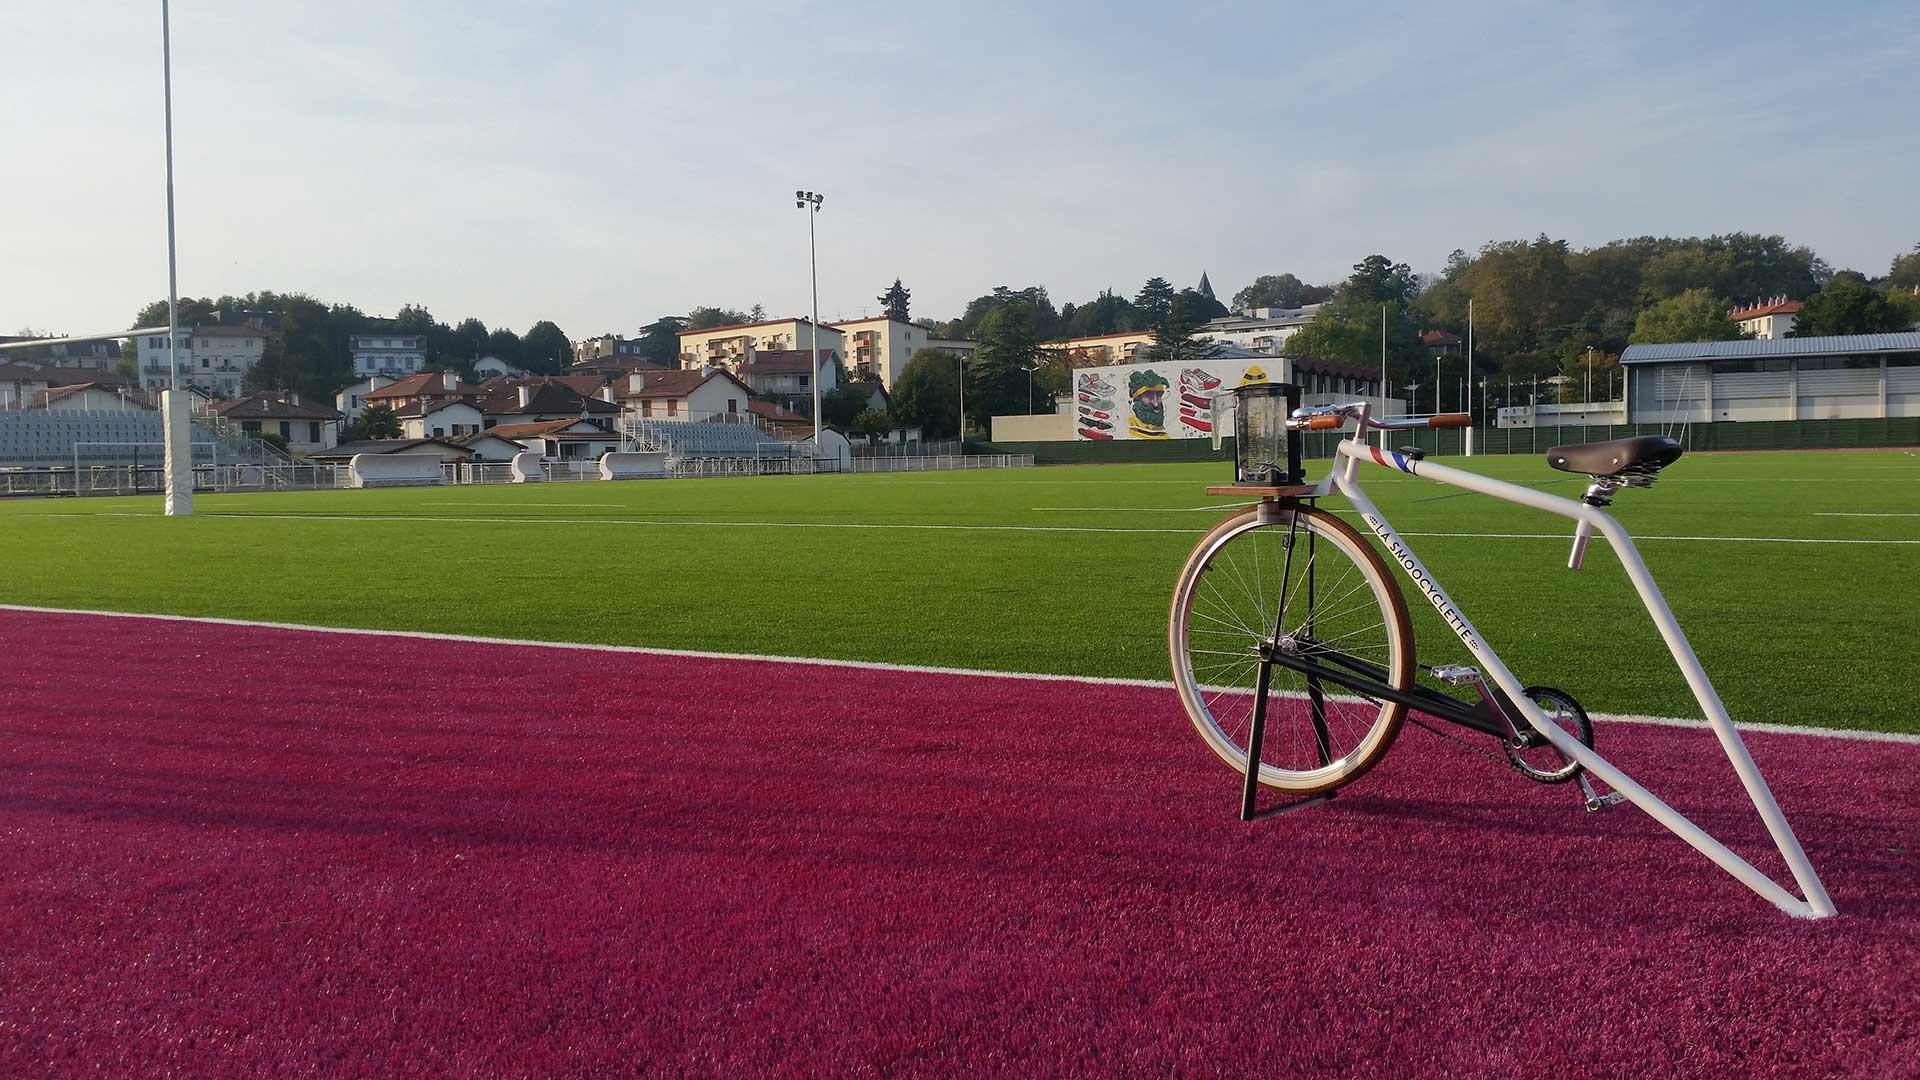 Notre vélo-smoothie tranquillement installé au bord d'un stade